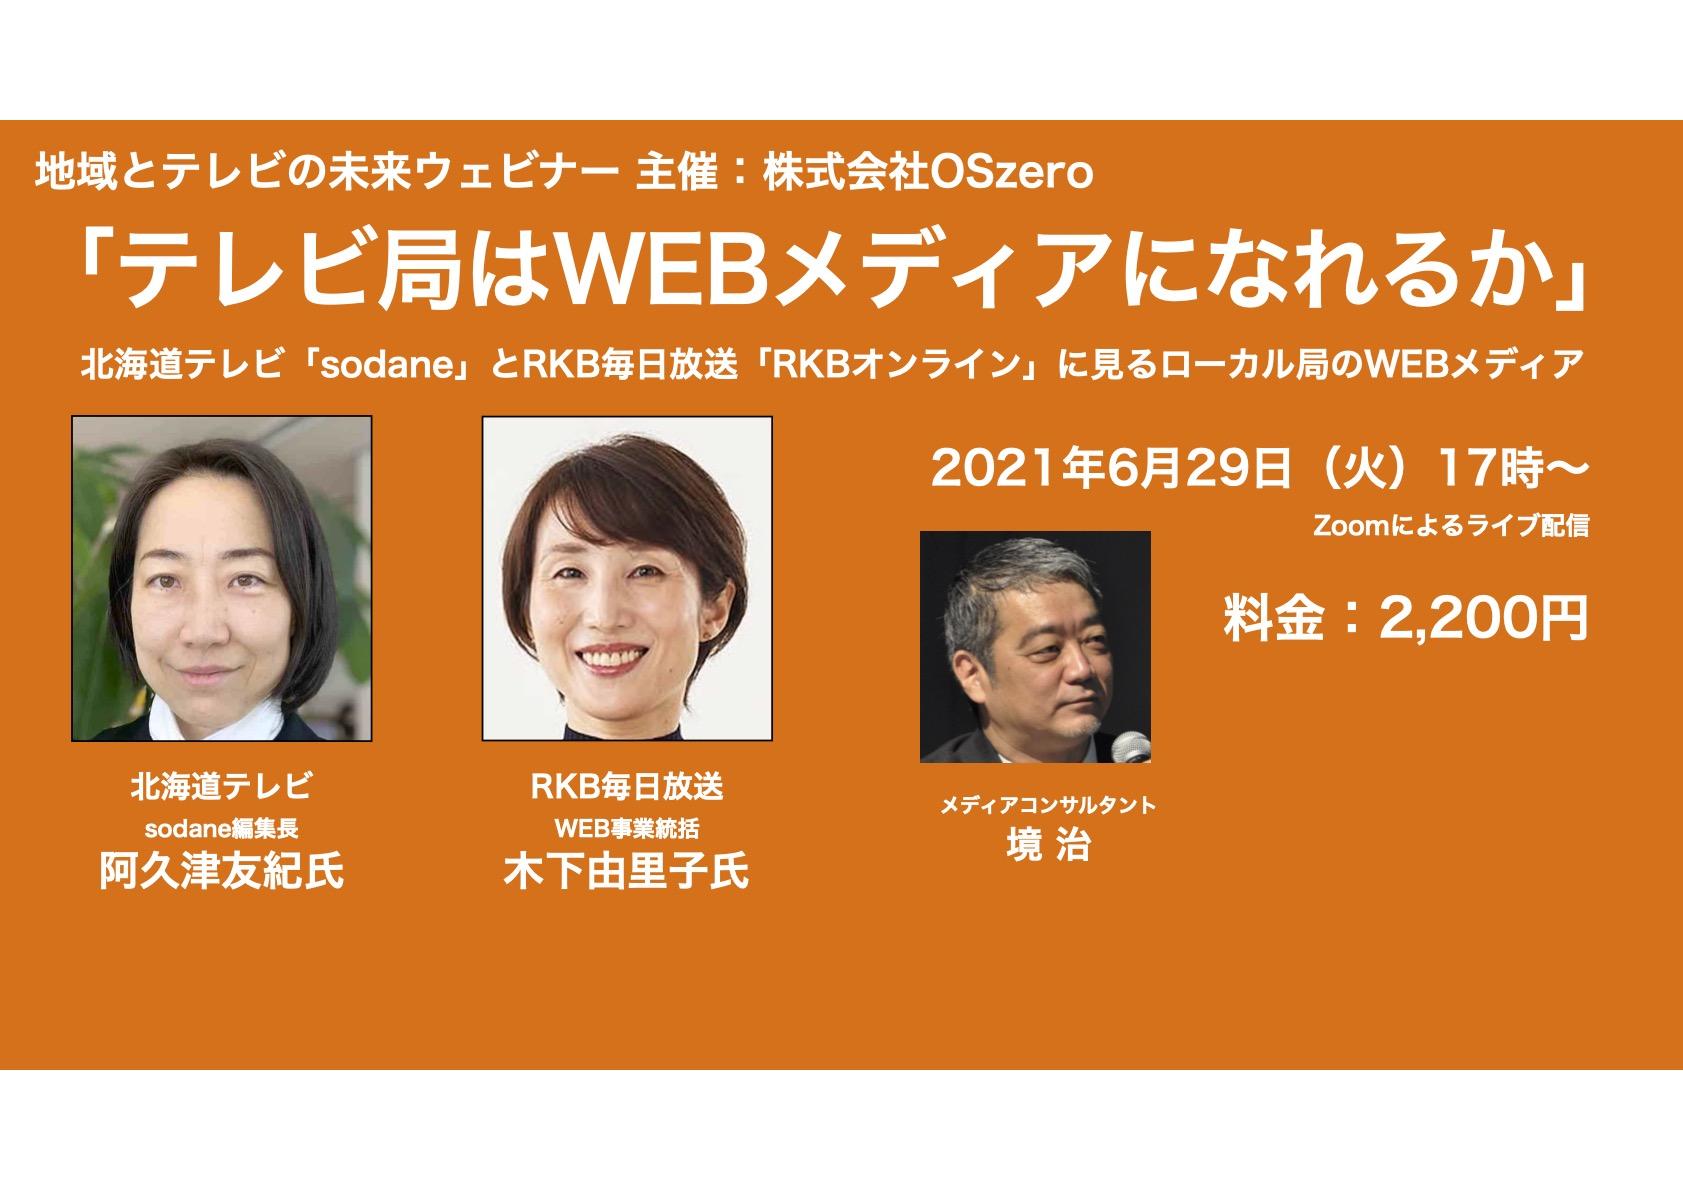 6/29ウェビナー「テレビ局はWEBメディアになれるか」開催